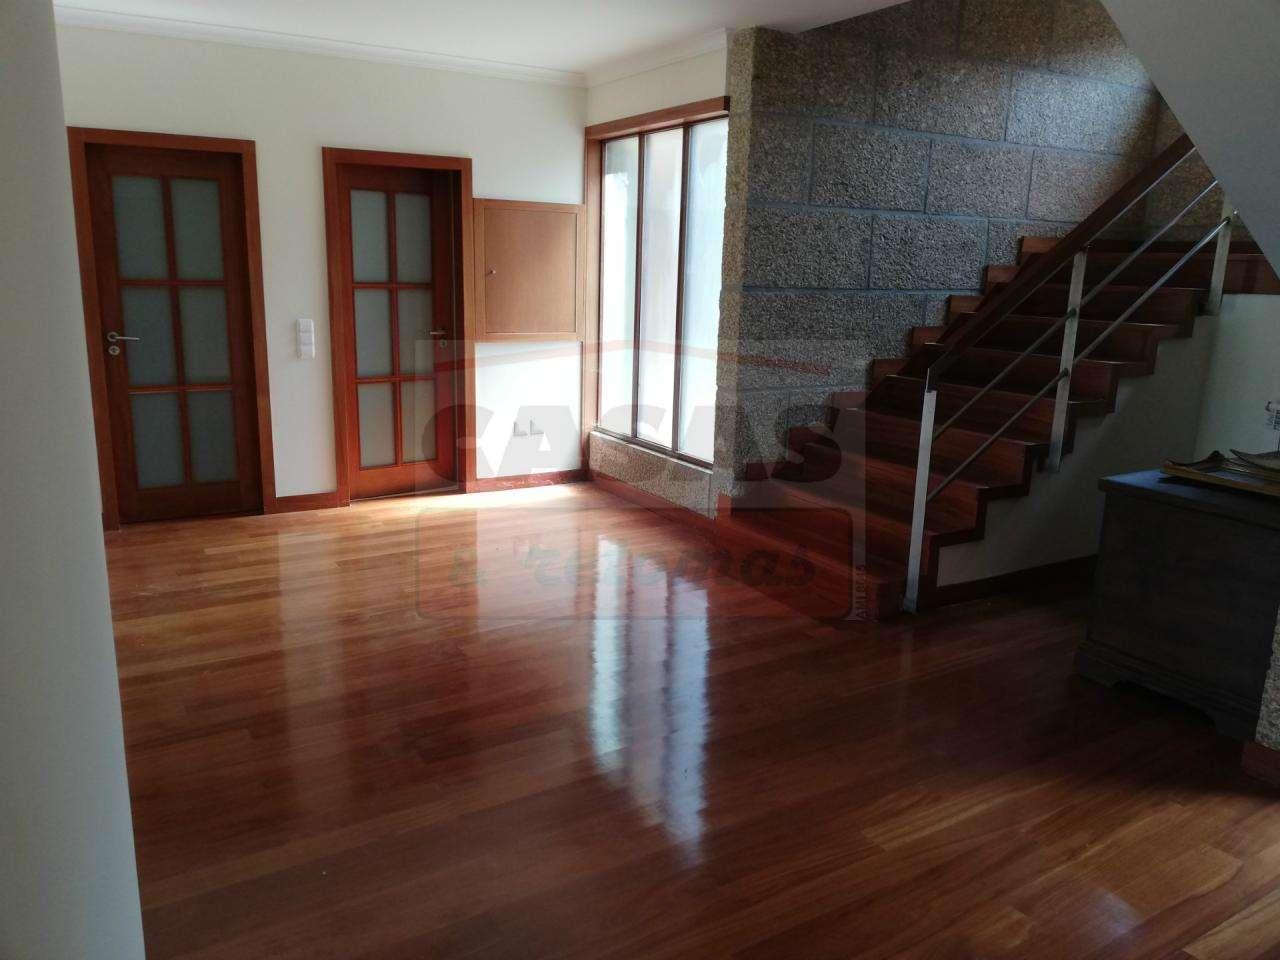 Quintas e herdades para comprar, Sande Vila Nova e Sande São Clemente, Guimarães, Braga - Foto 24